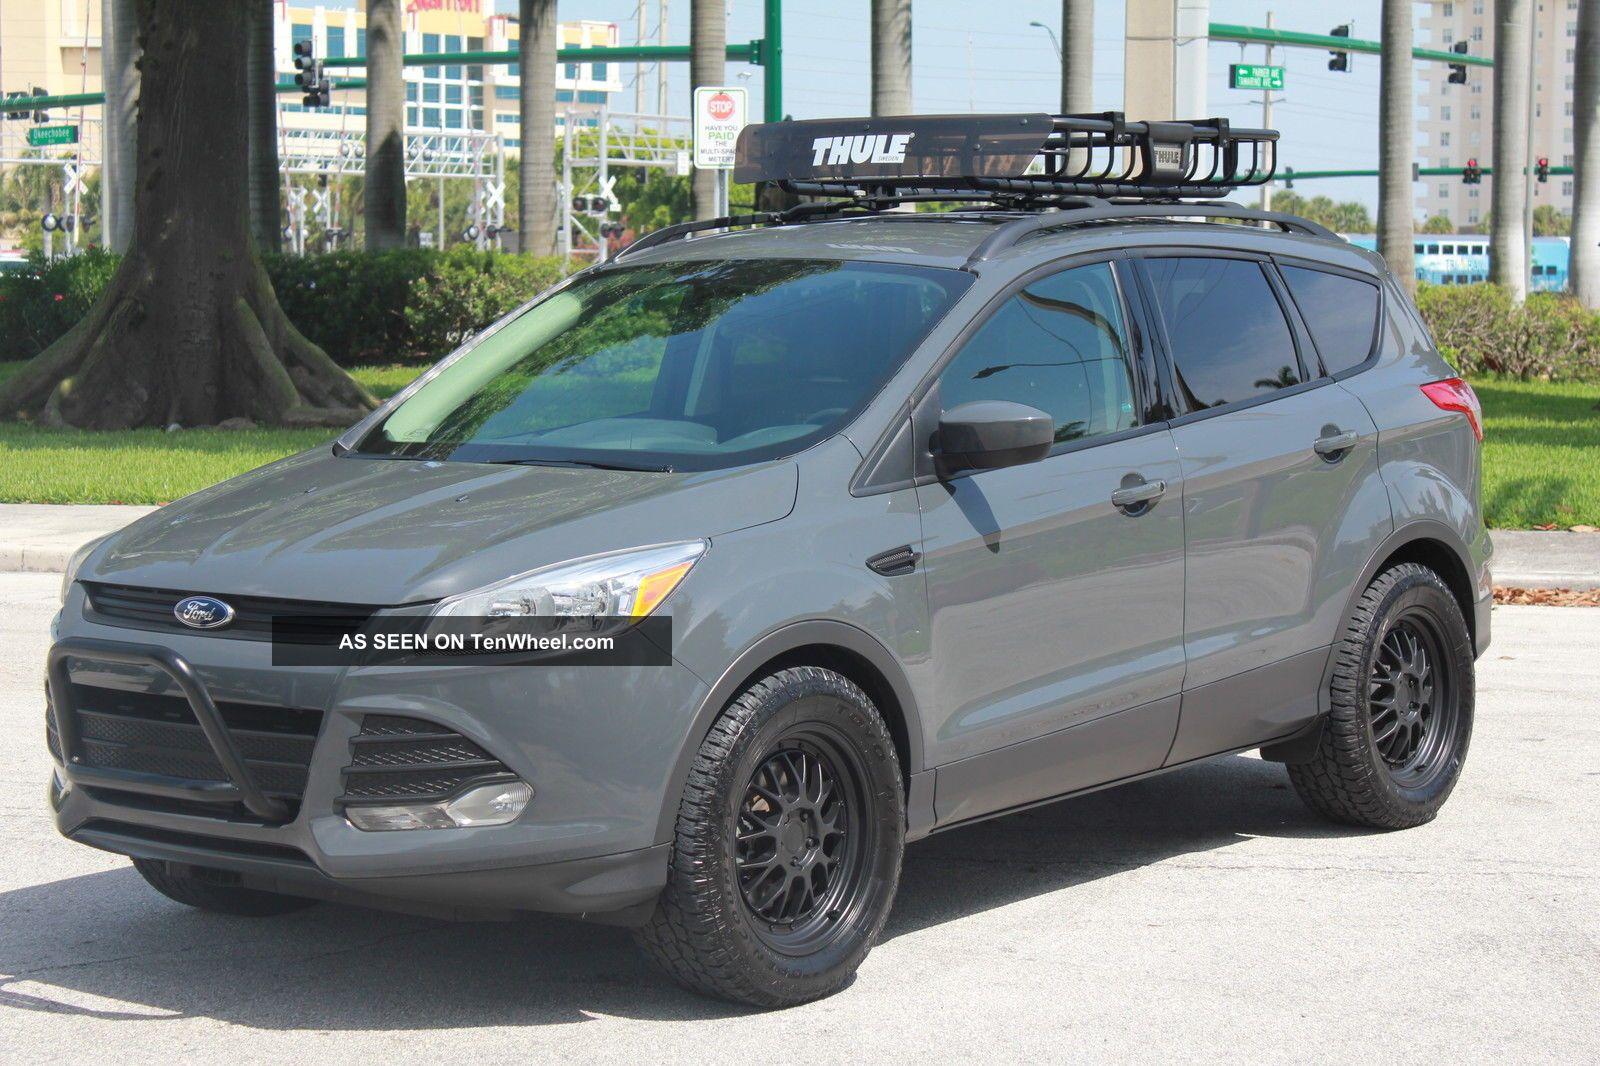 2013 Ford Escape Se (sema Show Vaccar Urban Escape Adventurer) Escape photo